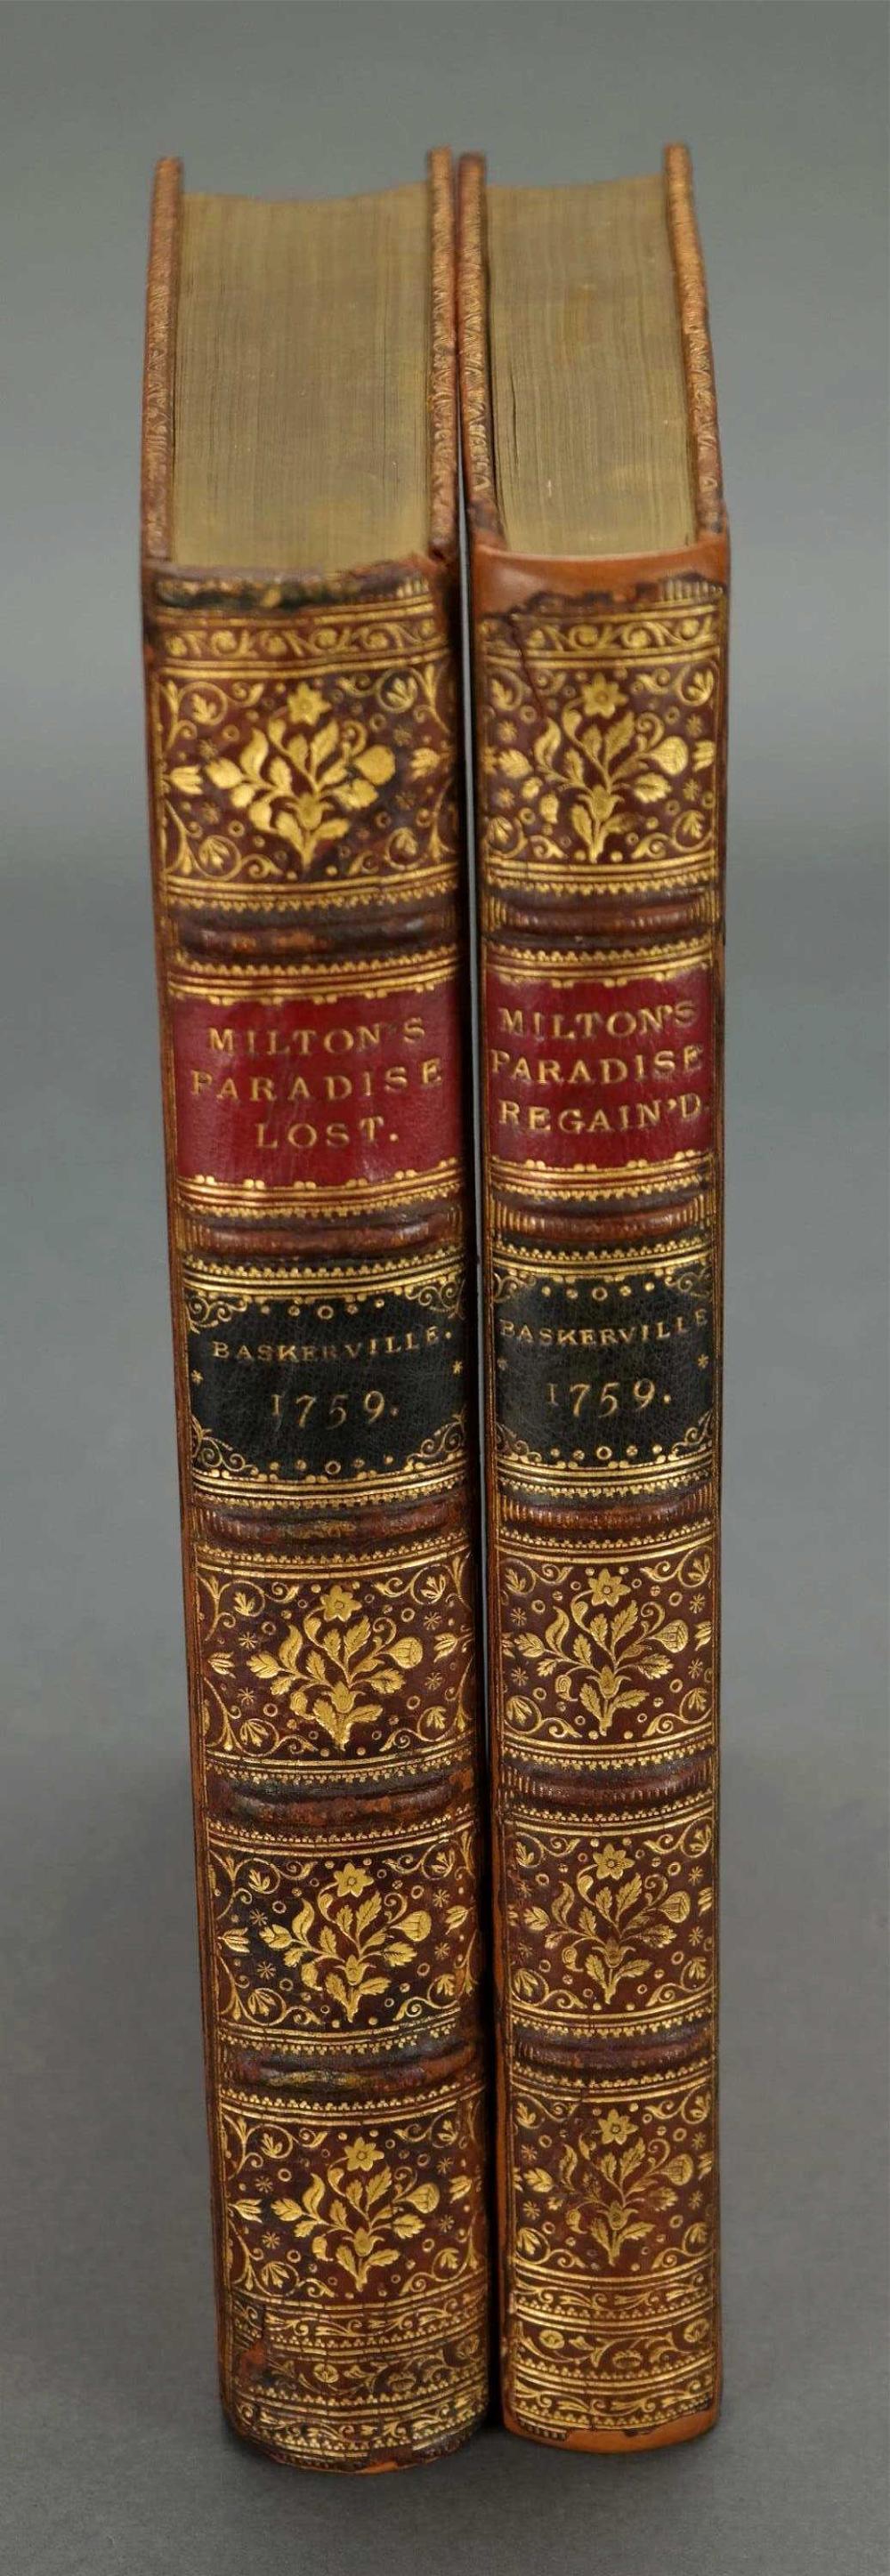 Lot 173: 2 vols. Milton's Paradise Lost & Regained. 1759.